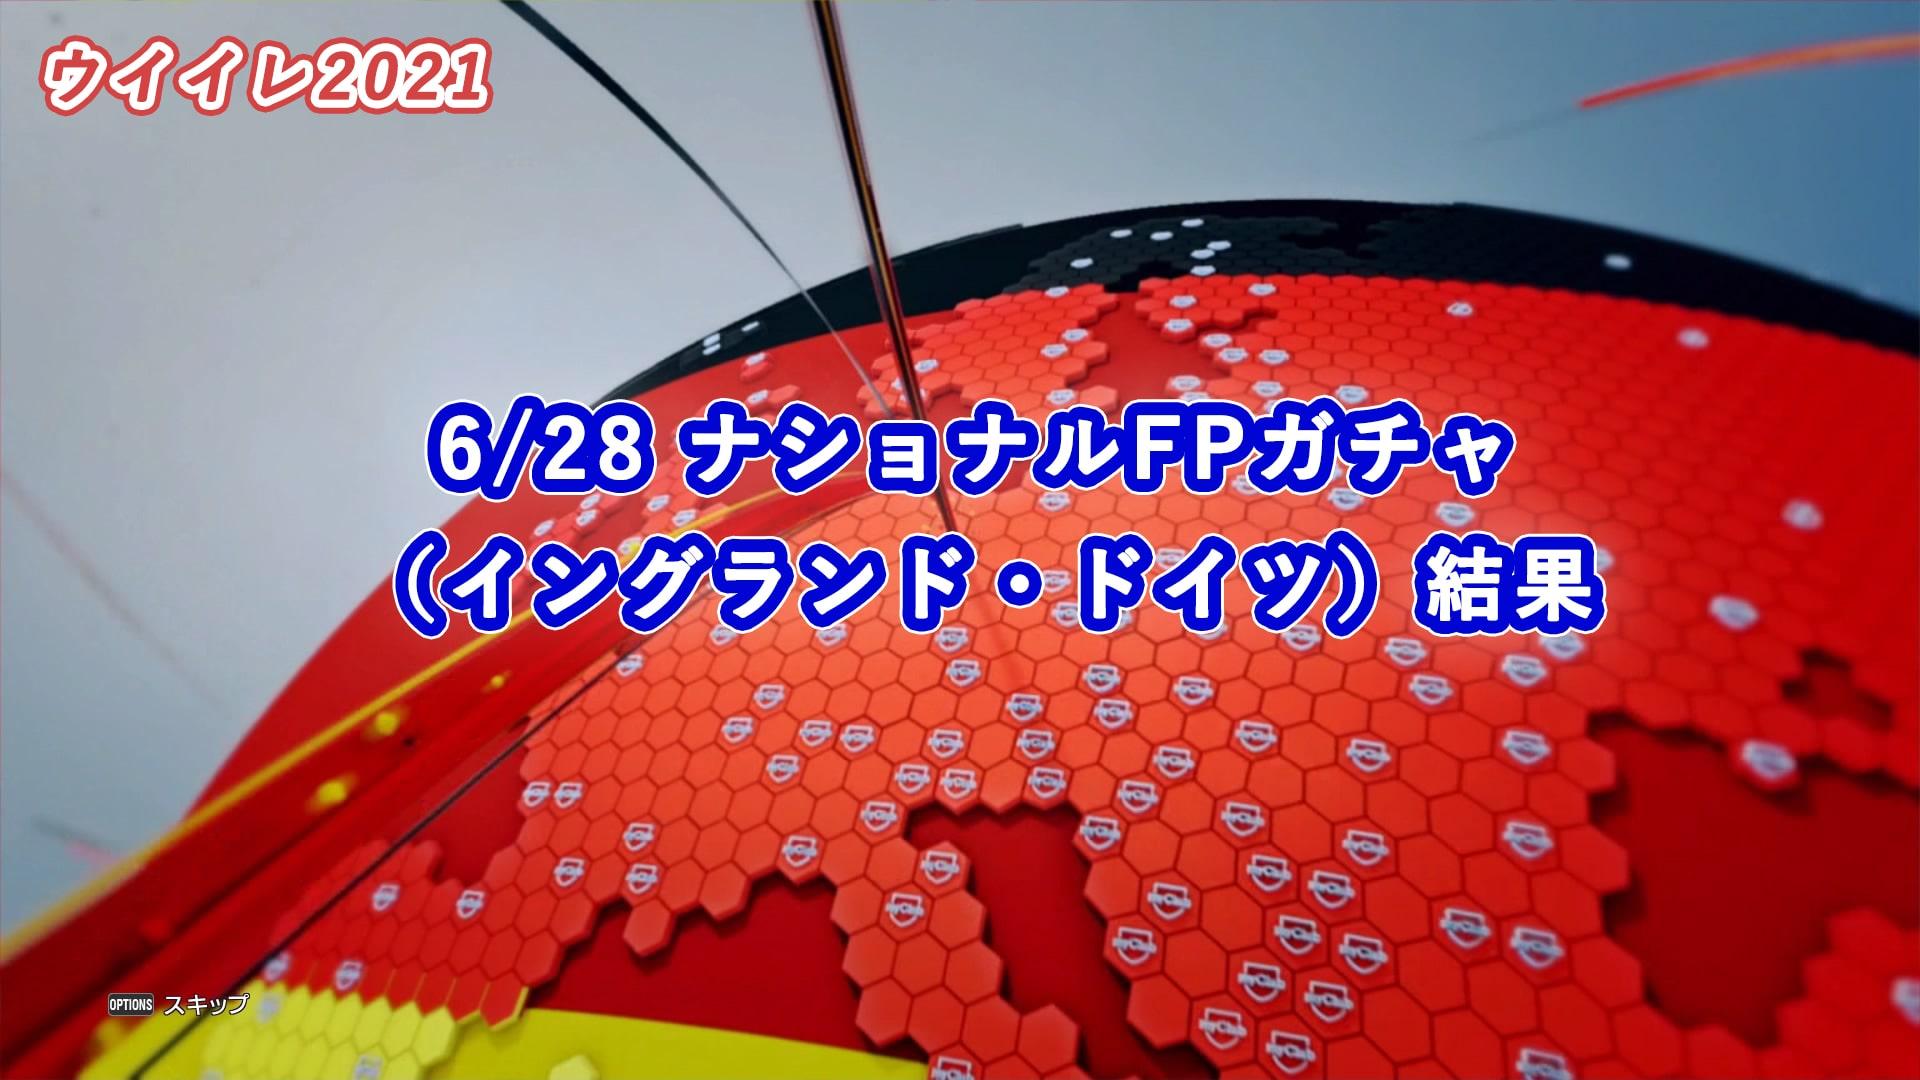 【ウイイレ2021】6/28 ナショナルFPガチャ(イングランド・ドイツ)結果